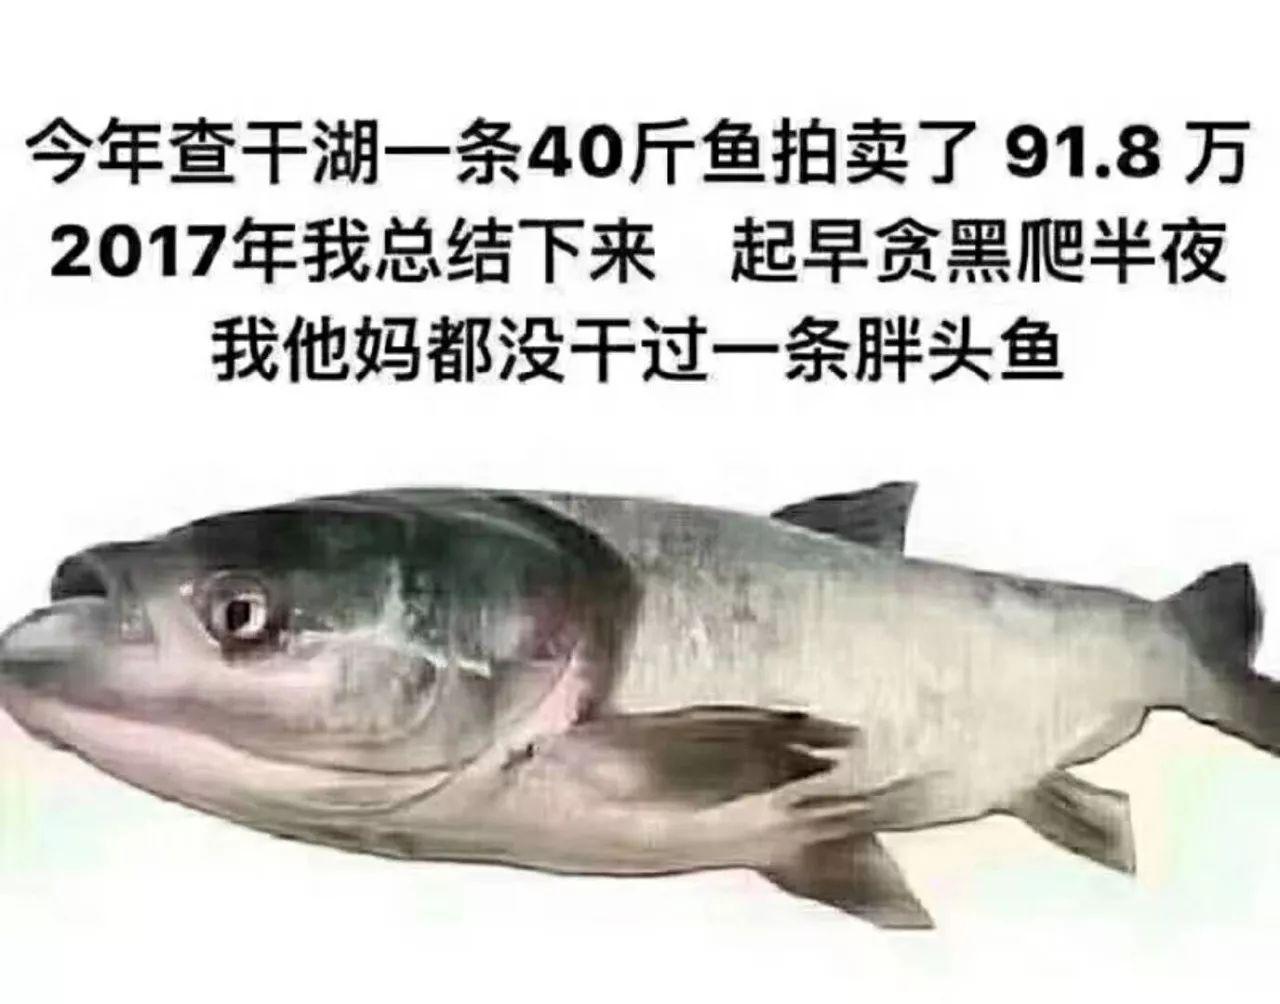 我他妈都没干过一条胖头鱼 2017年我总结下来起早贪黑爬半夜 今年查干湖一条40斤鱼拍卖了91.8万